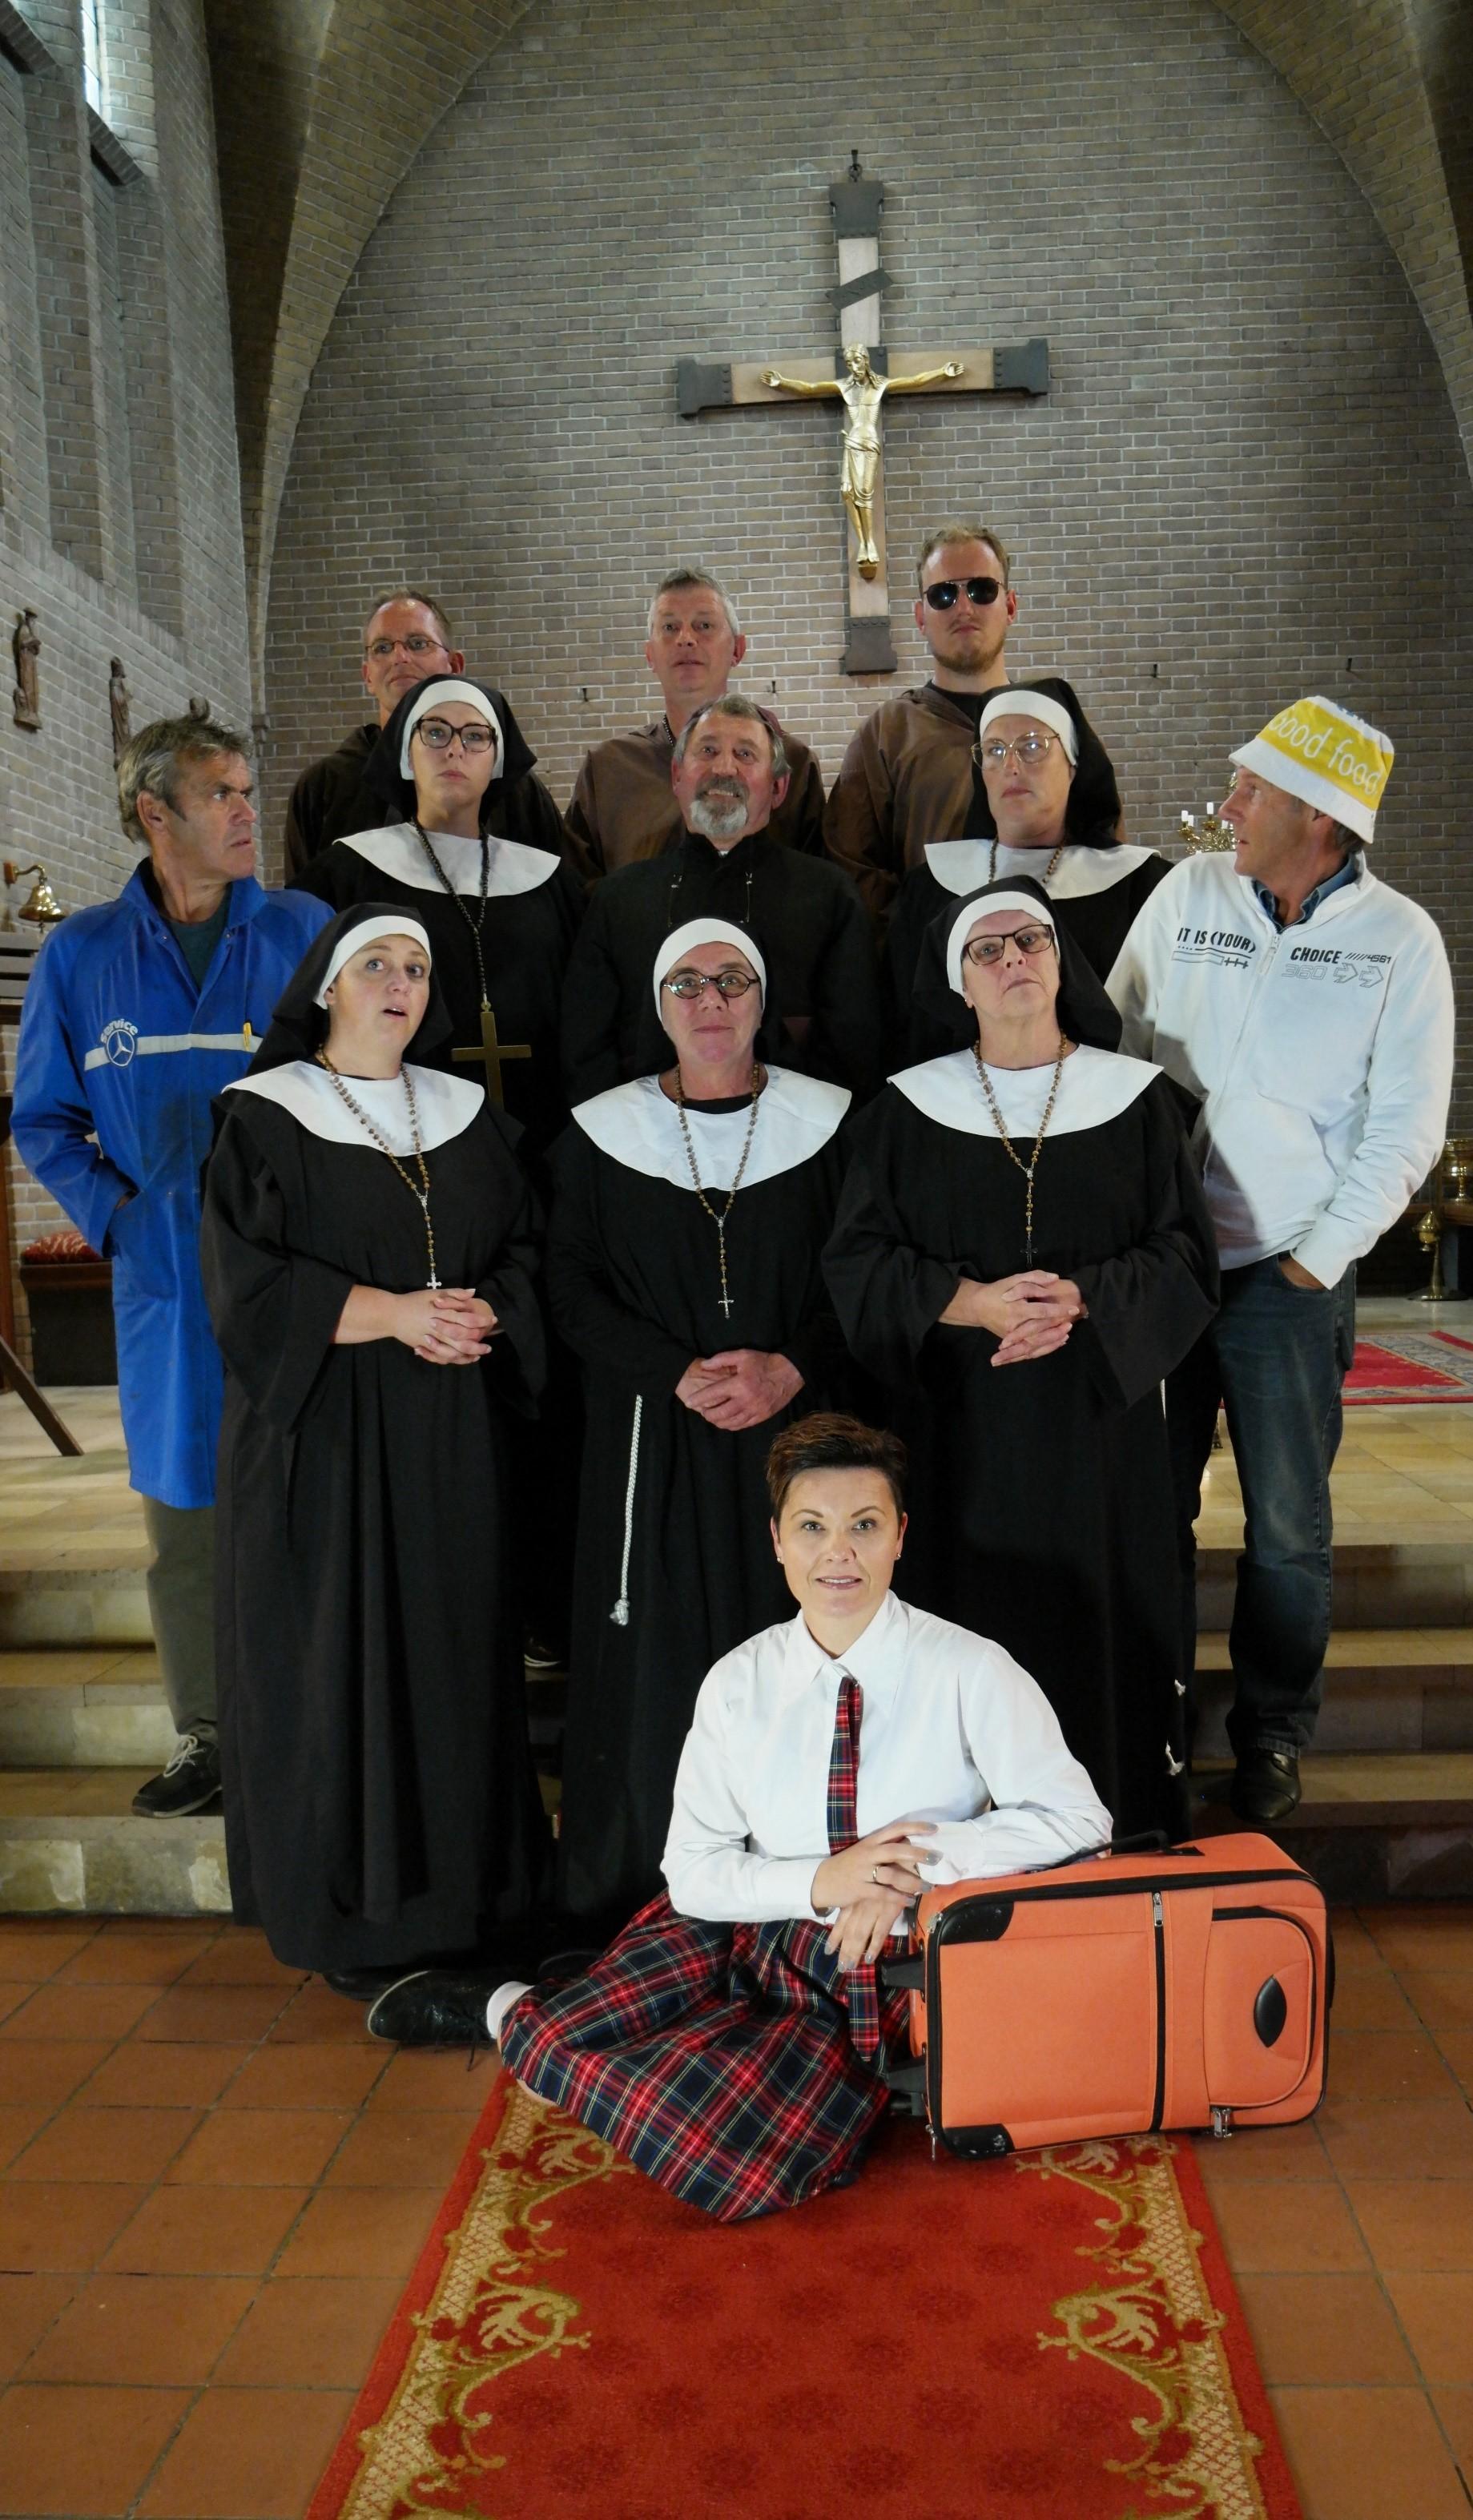 Broeders bij nonnen, waar zijn we aan begonnen (2017)